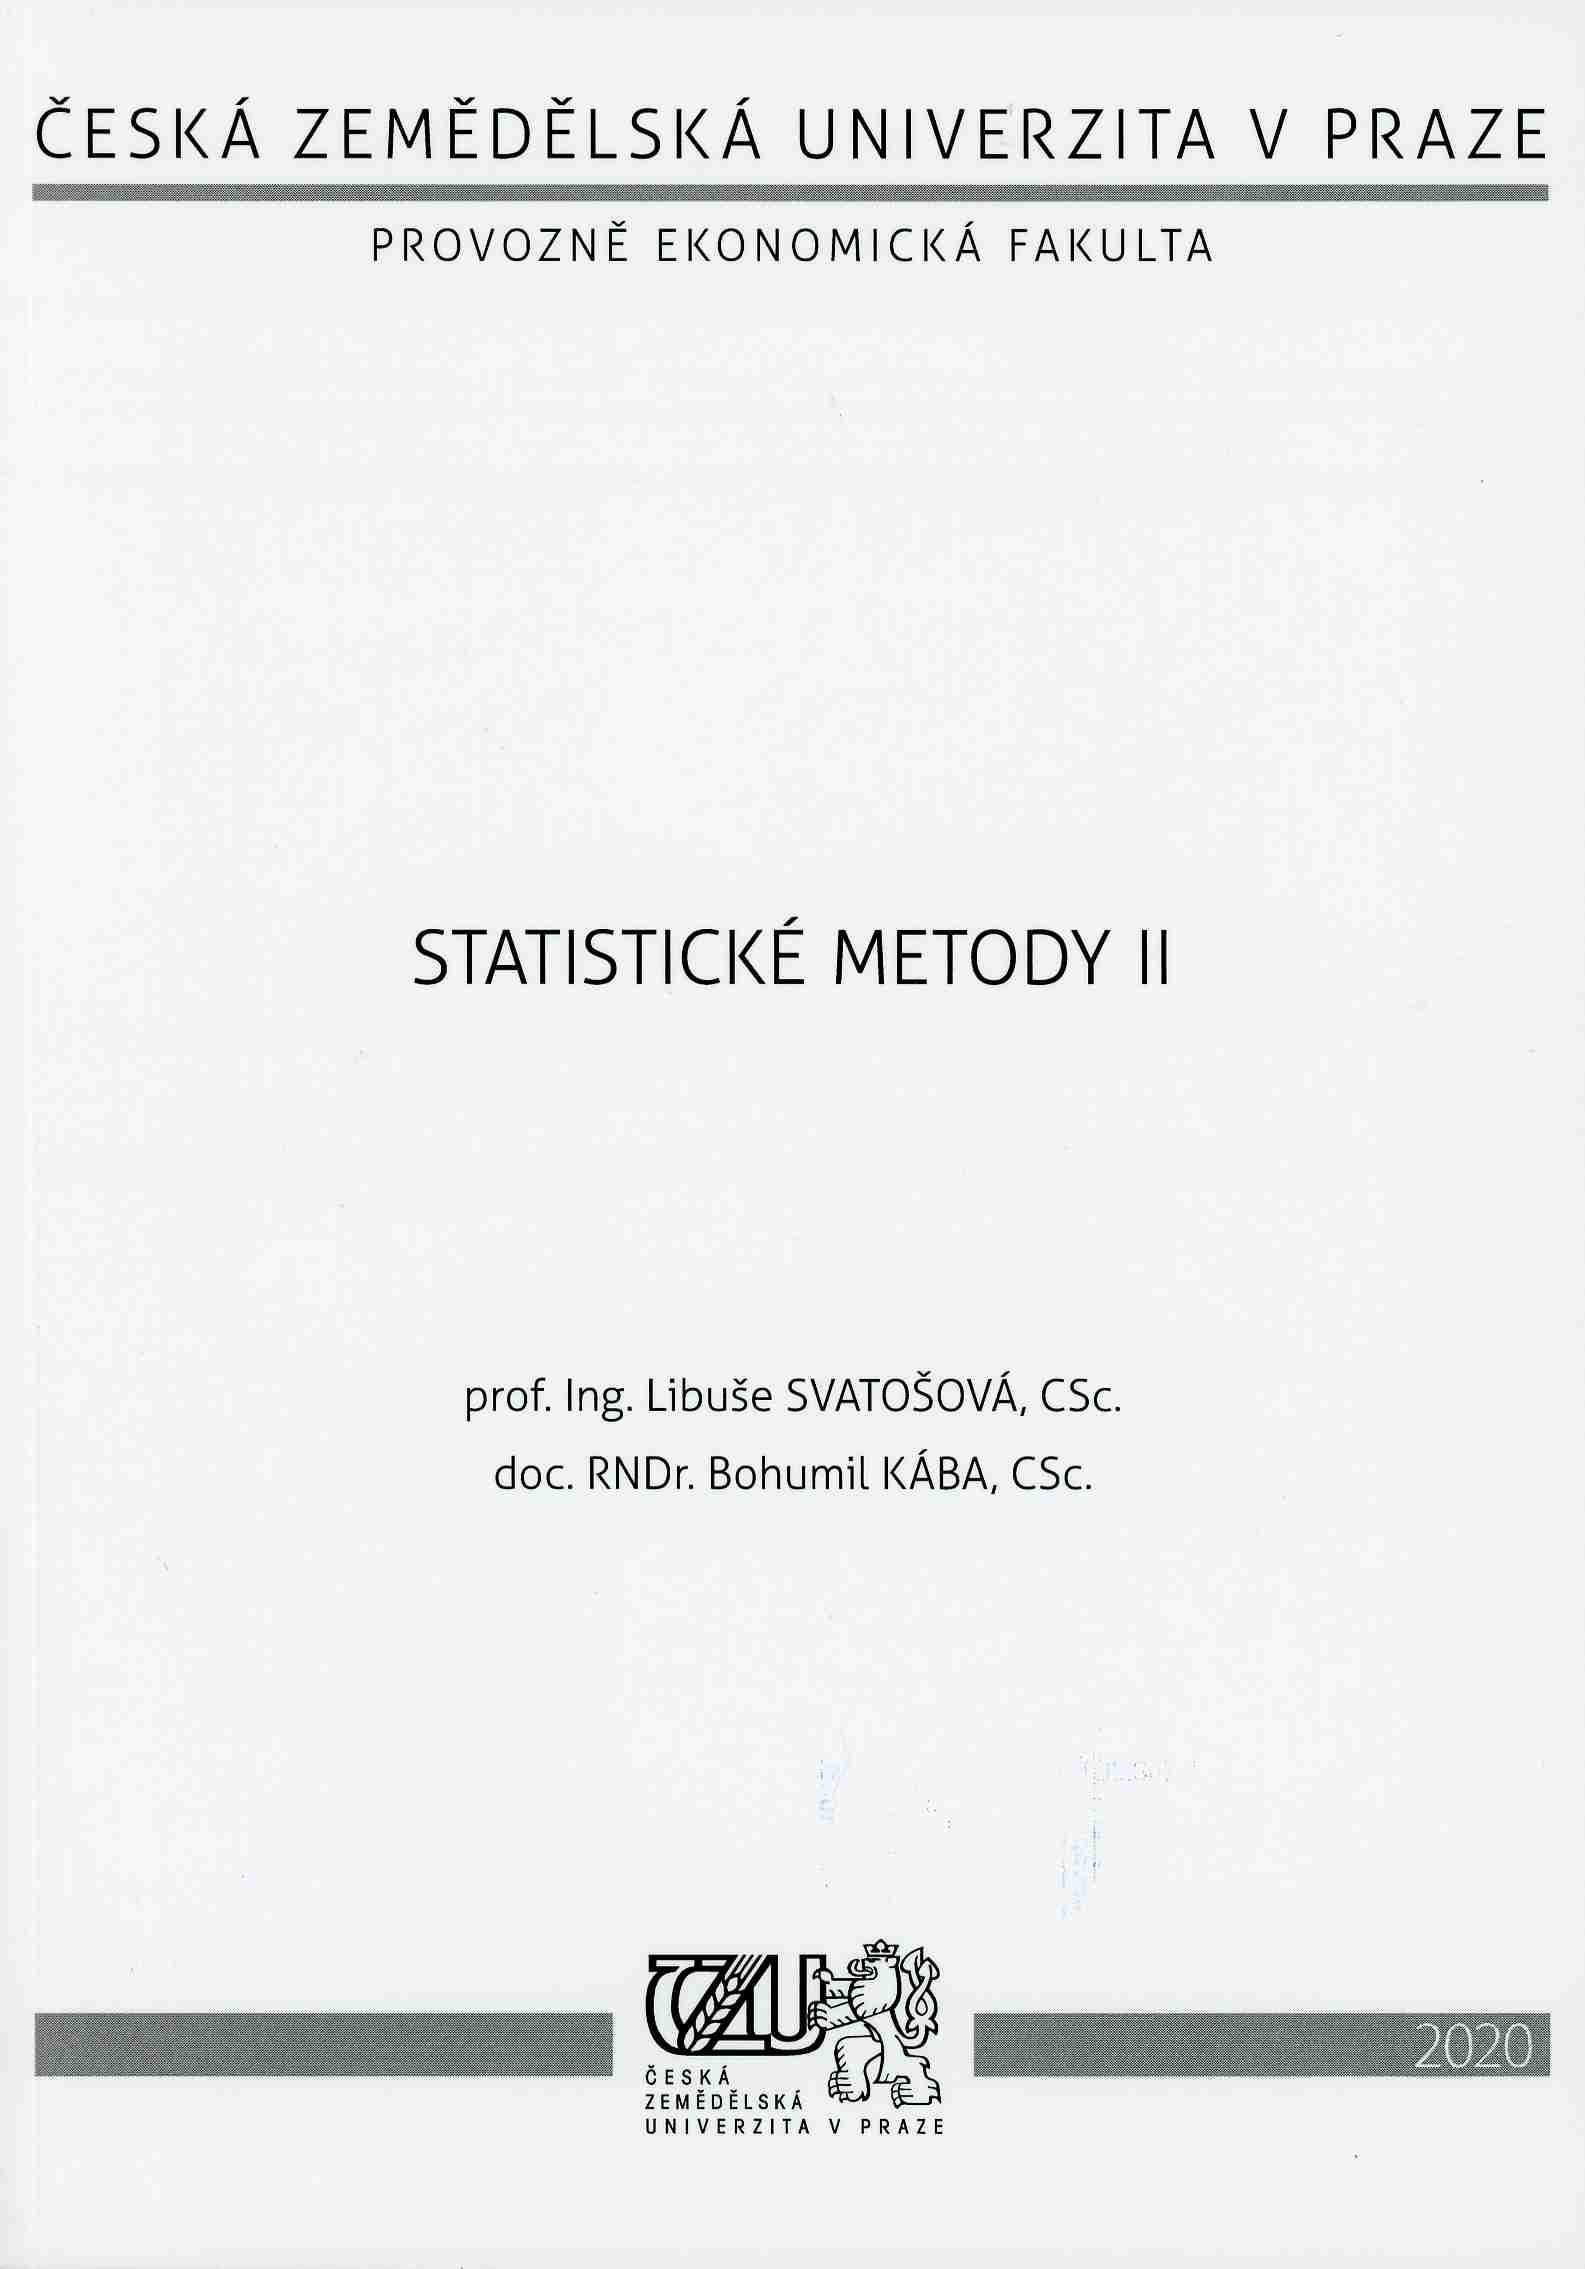 Statistické metody II